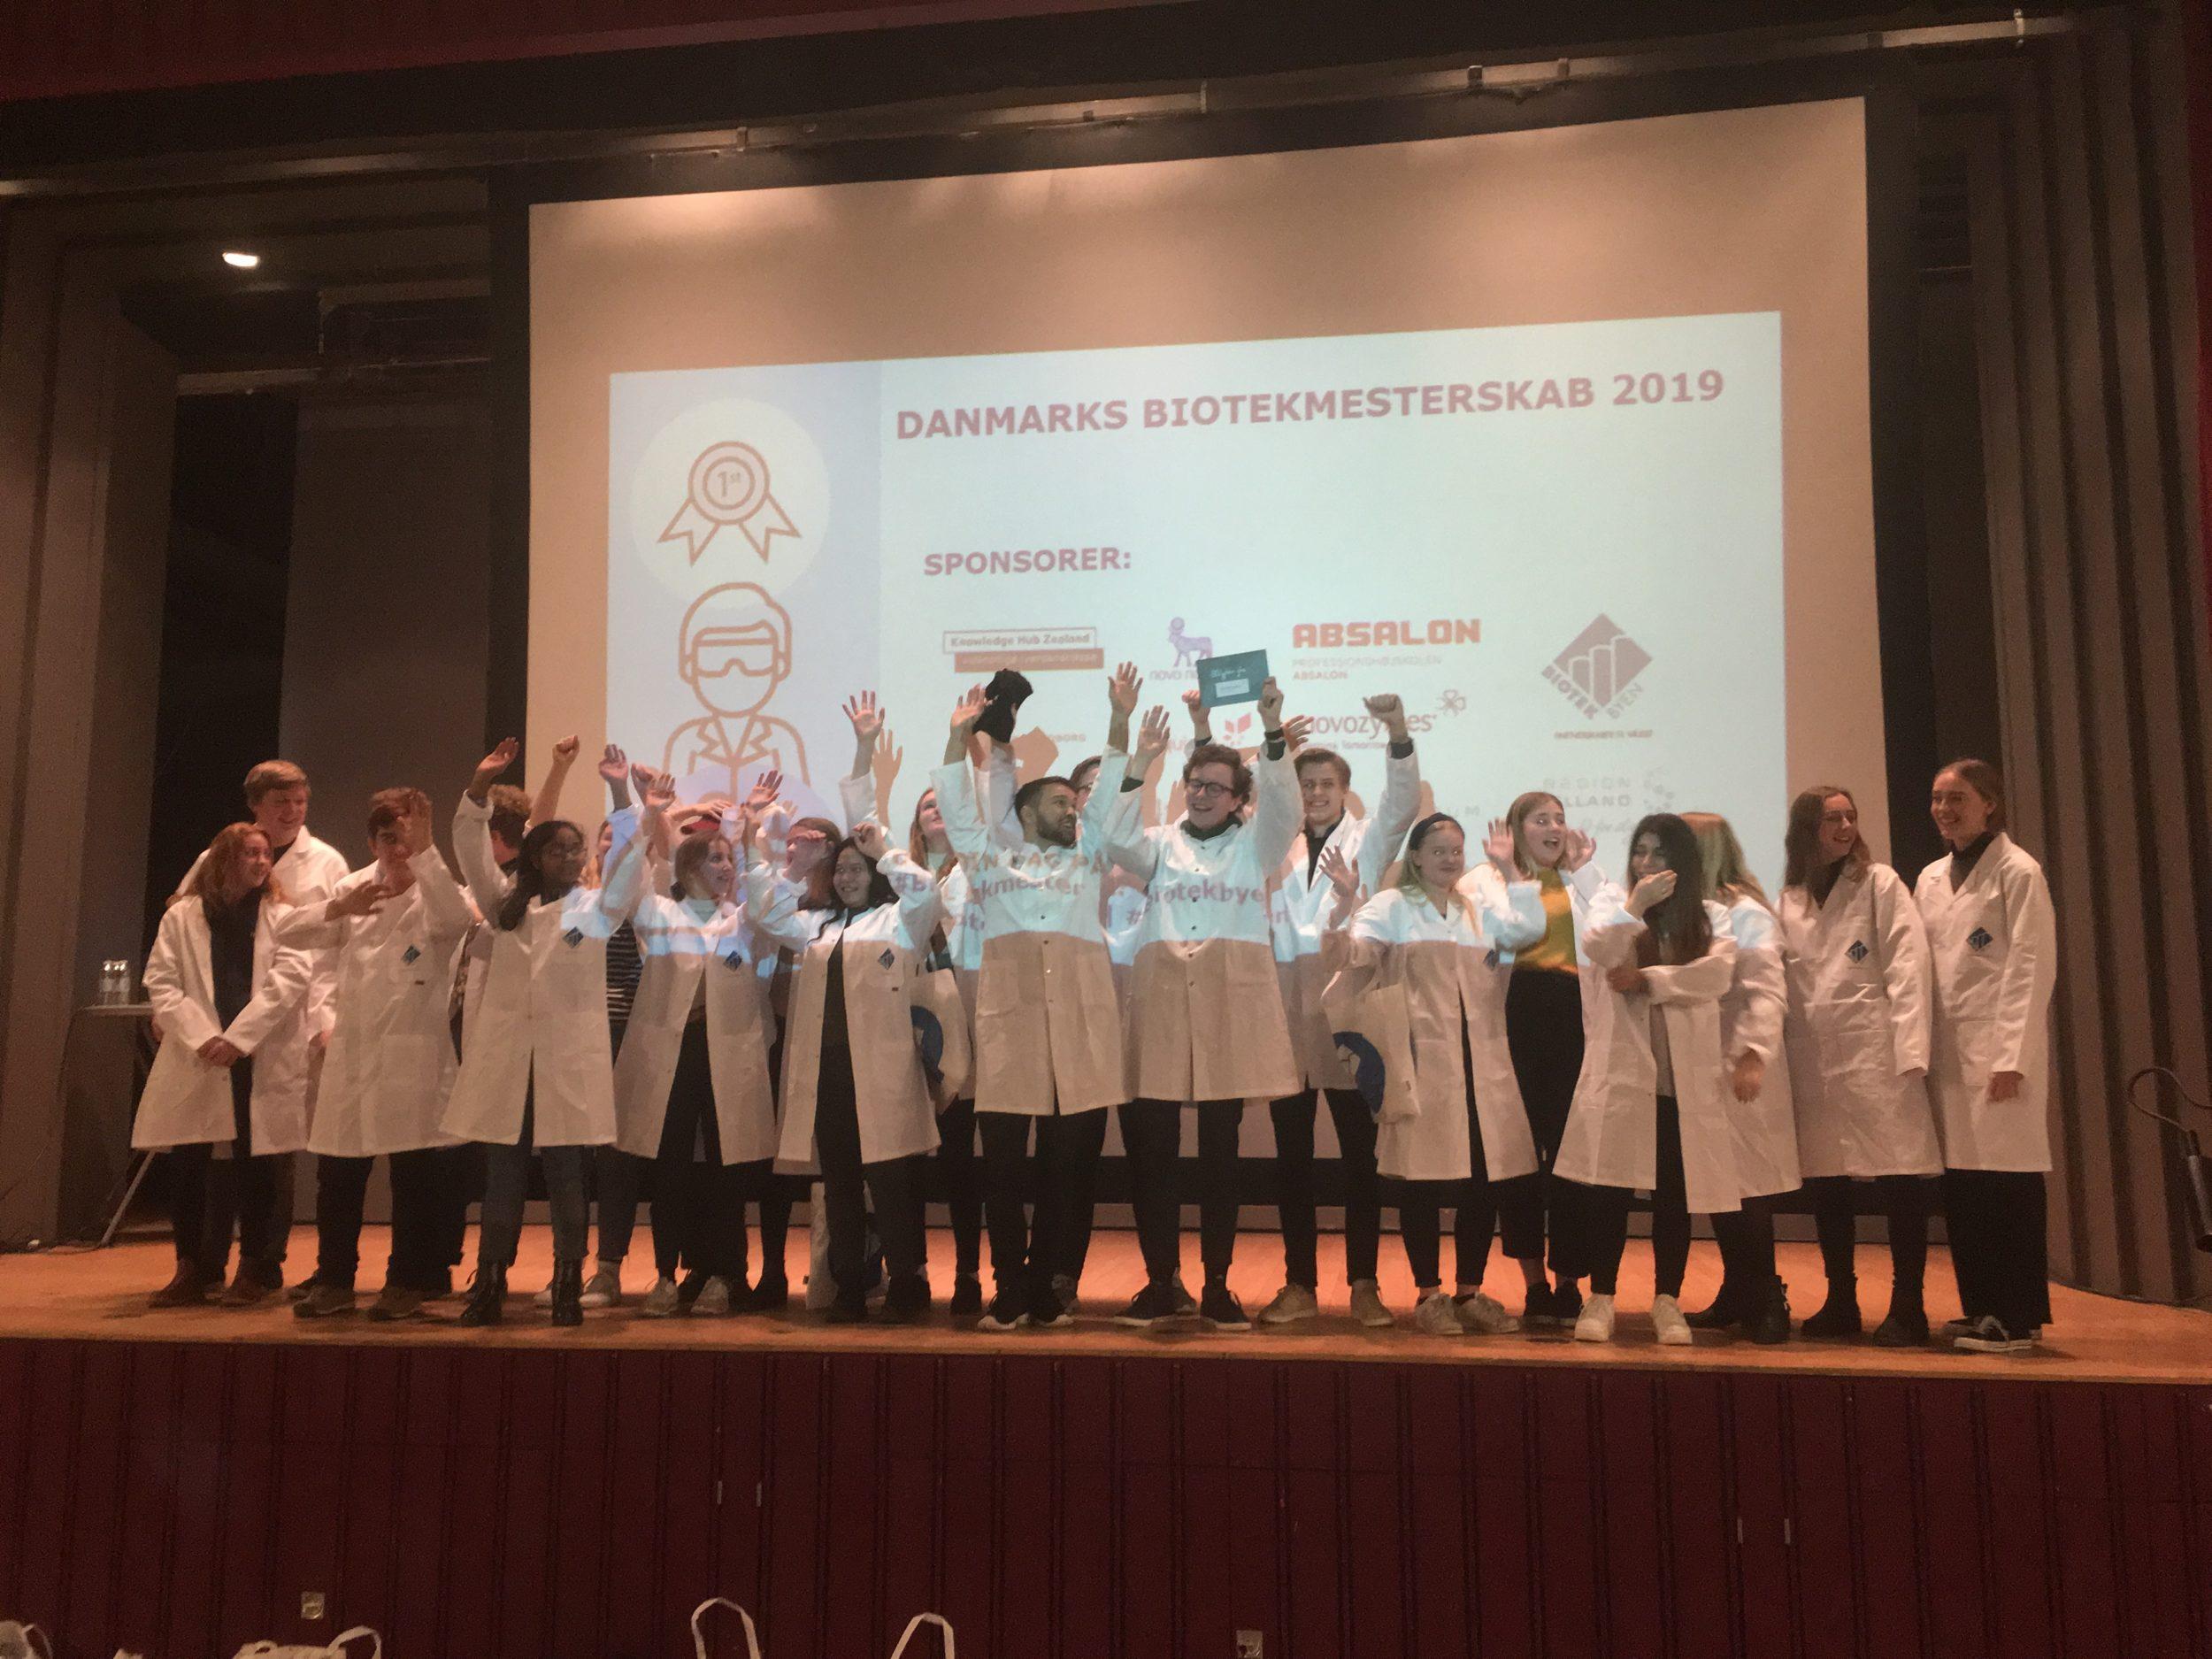 Sidste års vindere af Biotekmesterskaberne fra Stenhus Gymnasium i Holbæk Præsentation på scenen af en af de deltagende grupper